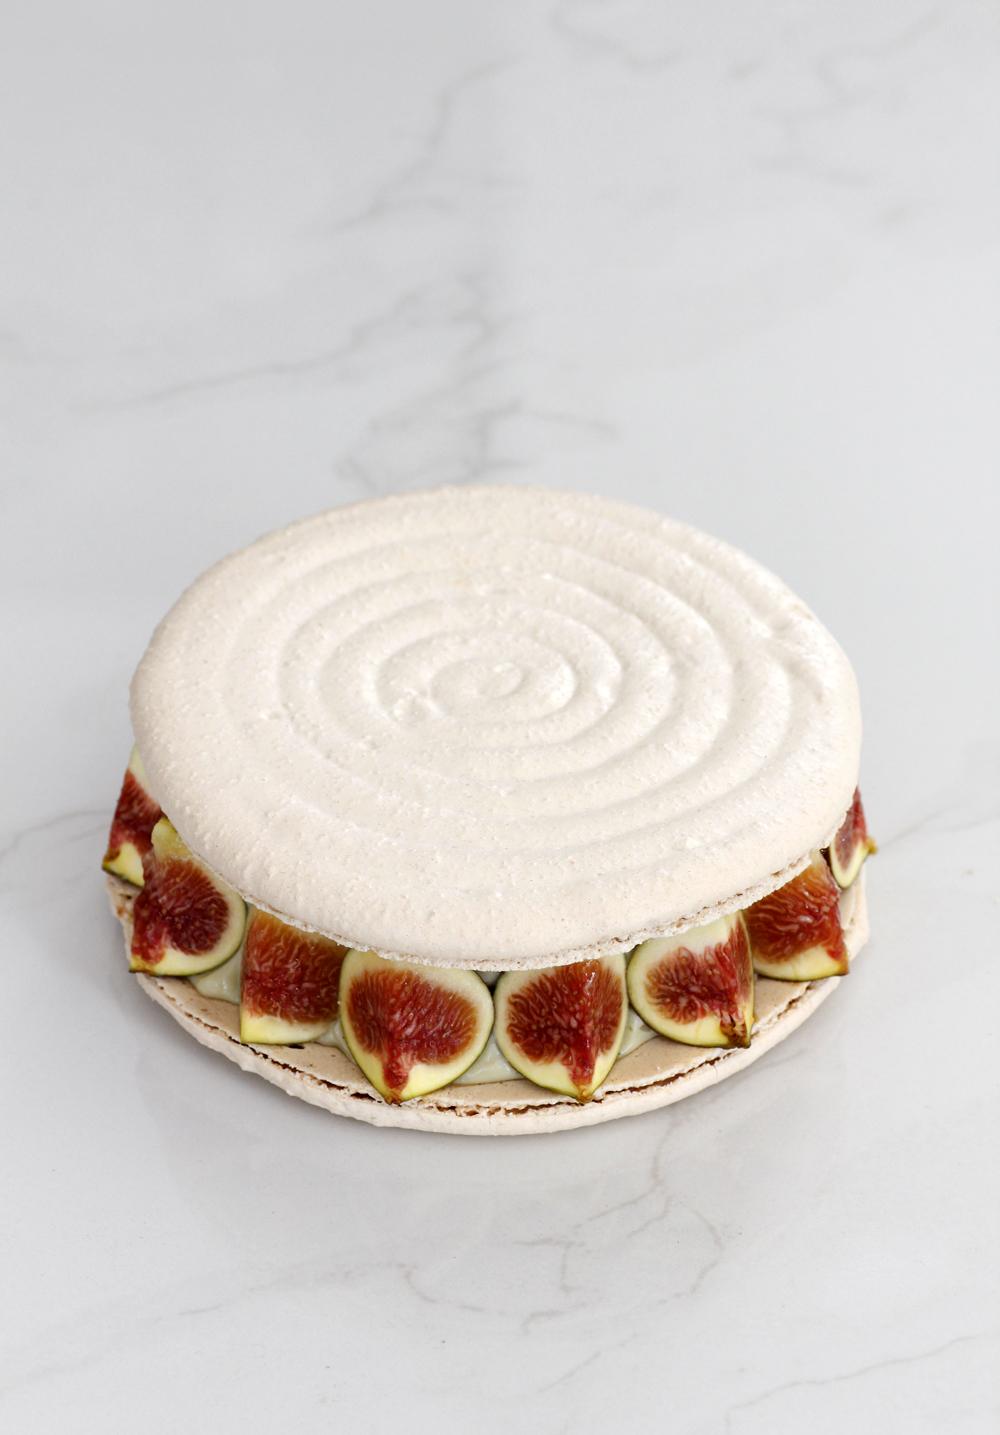 עוגת מקרון פיסטוק ותאנים עם קרם מסקרפונה